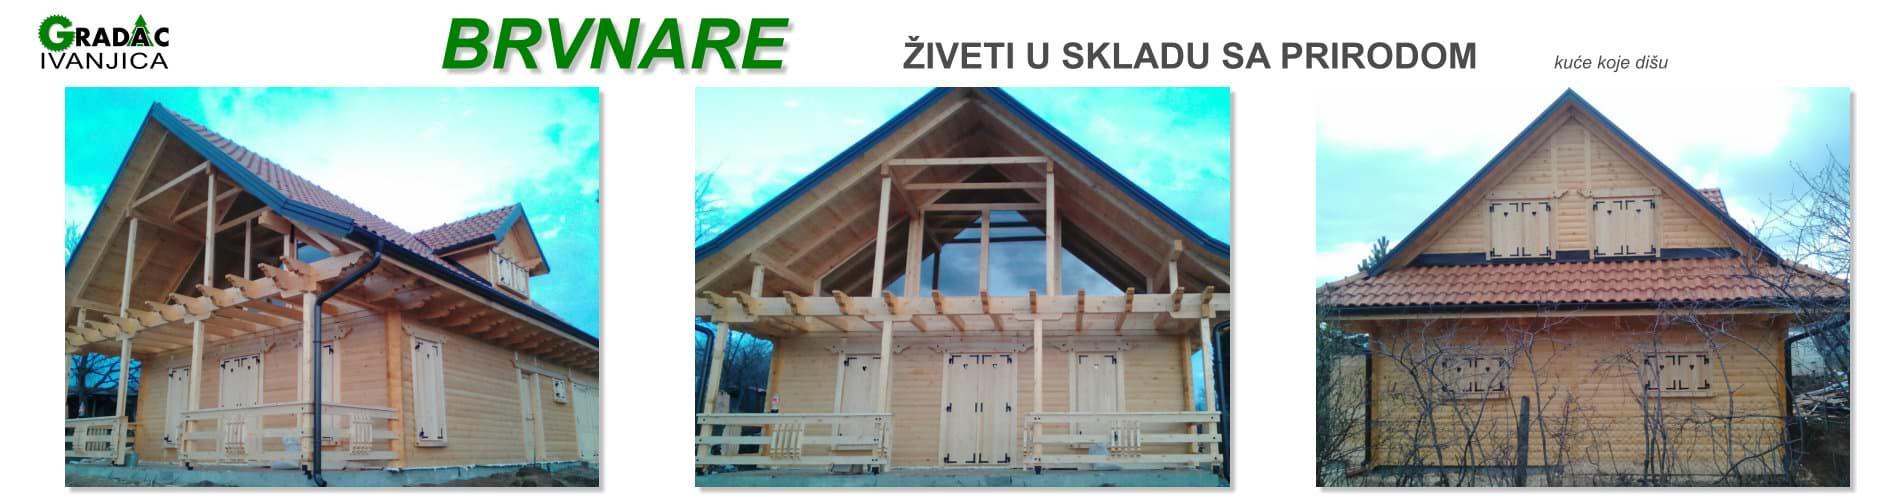 Brvnare - Gradac Ivanjica